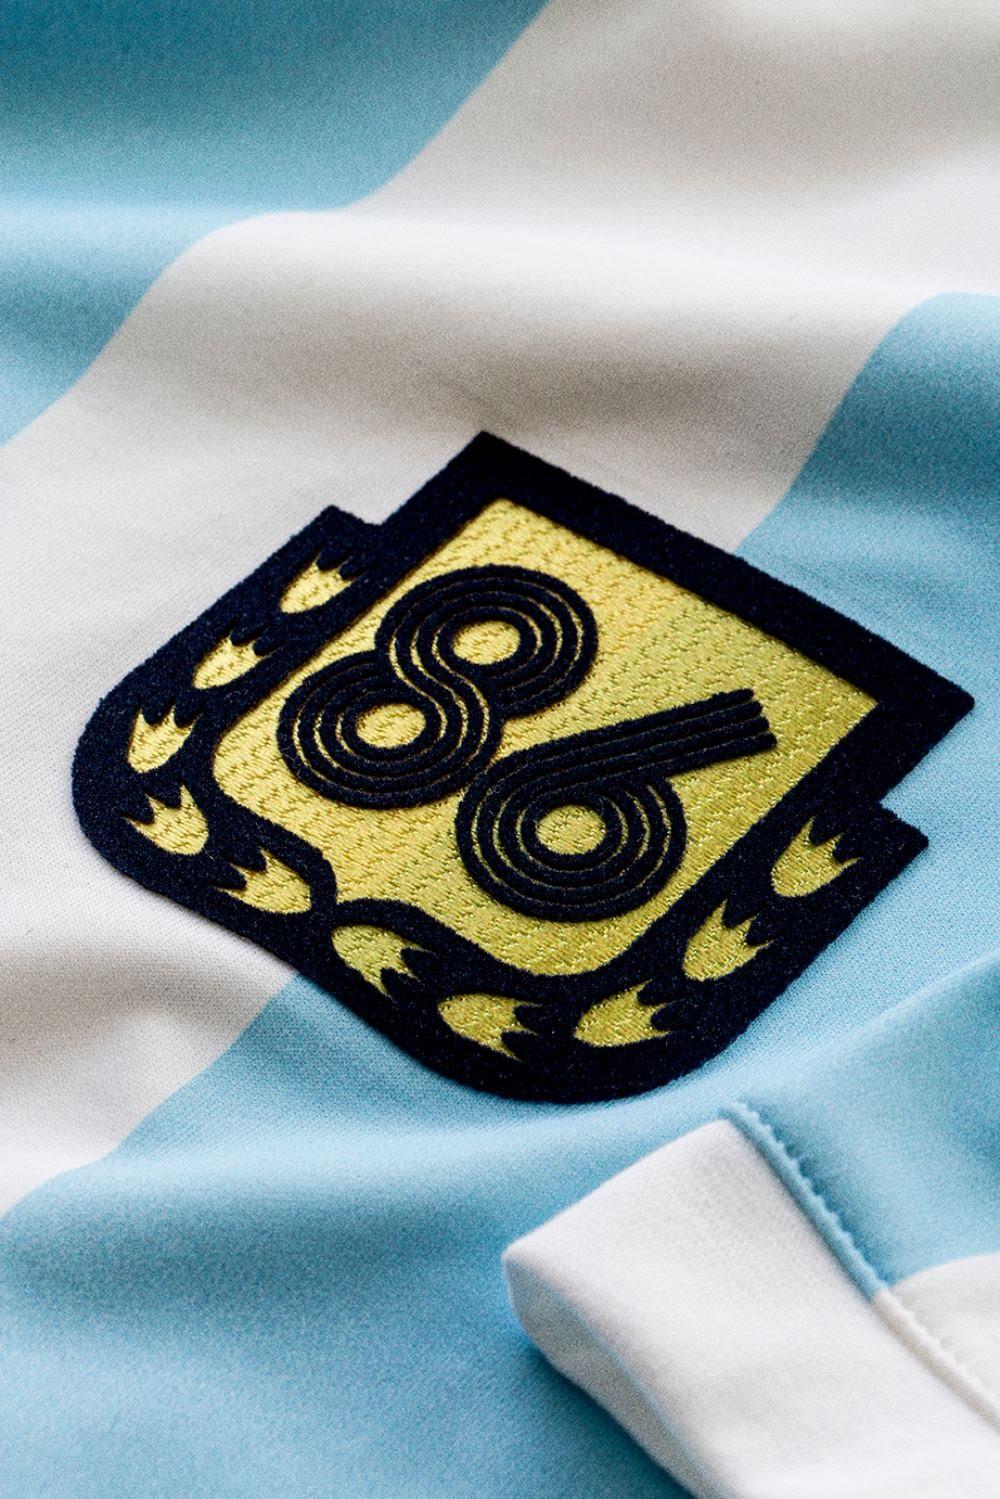 Le Coq Sportif Legends Maradona 86